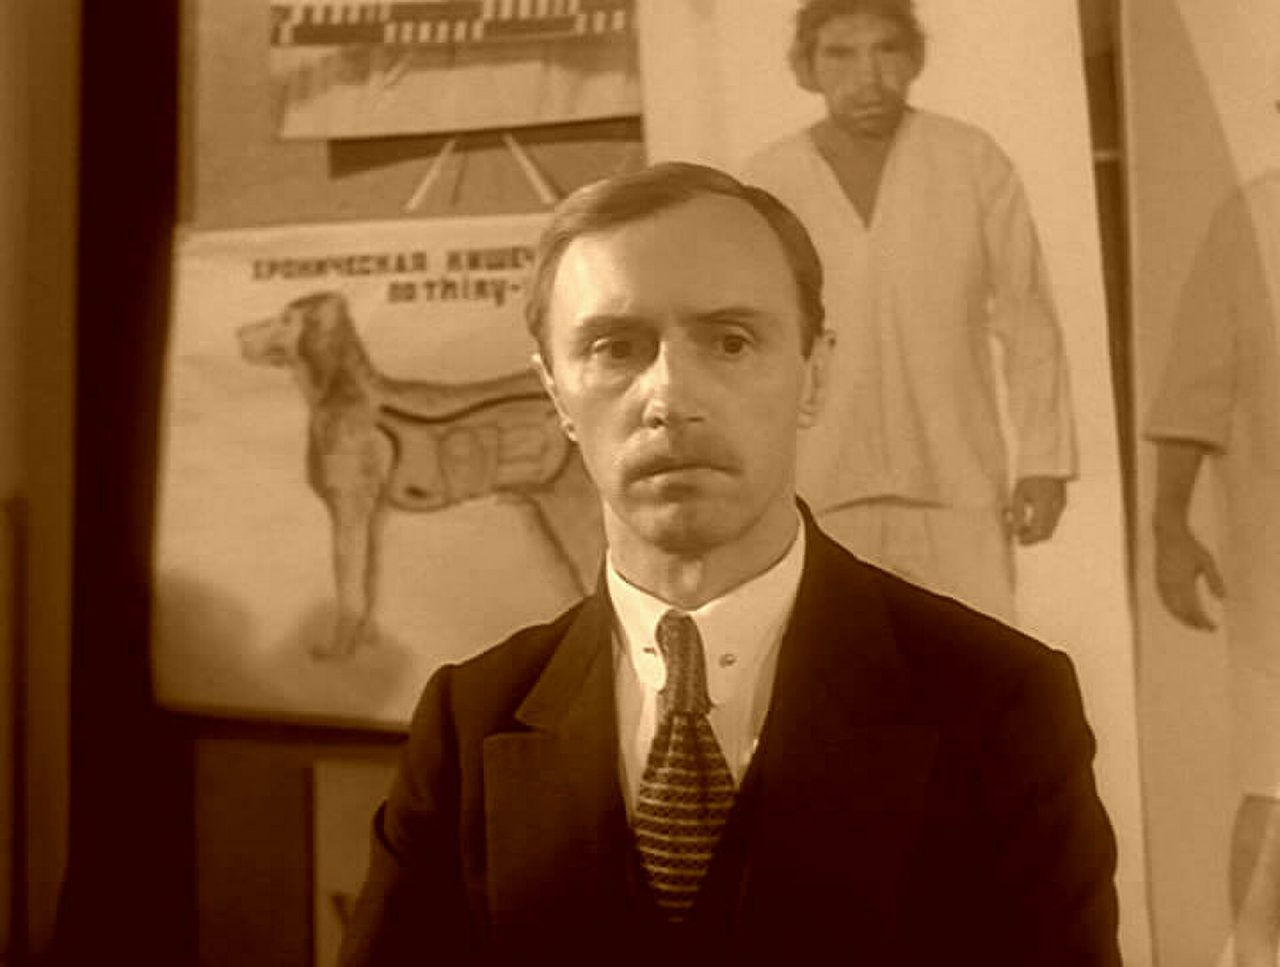 В Москве могут увековечить память народного артиста РФ Бориса Плотникова